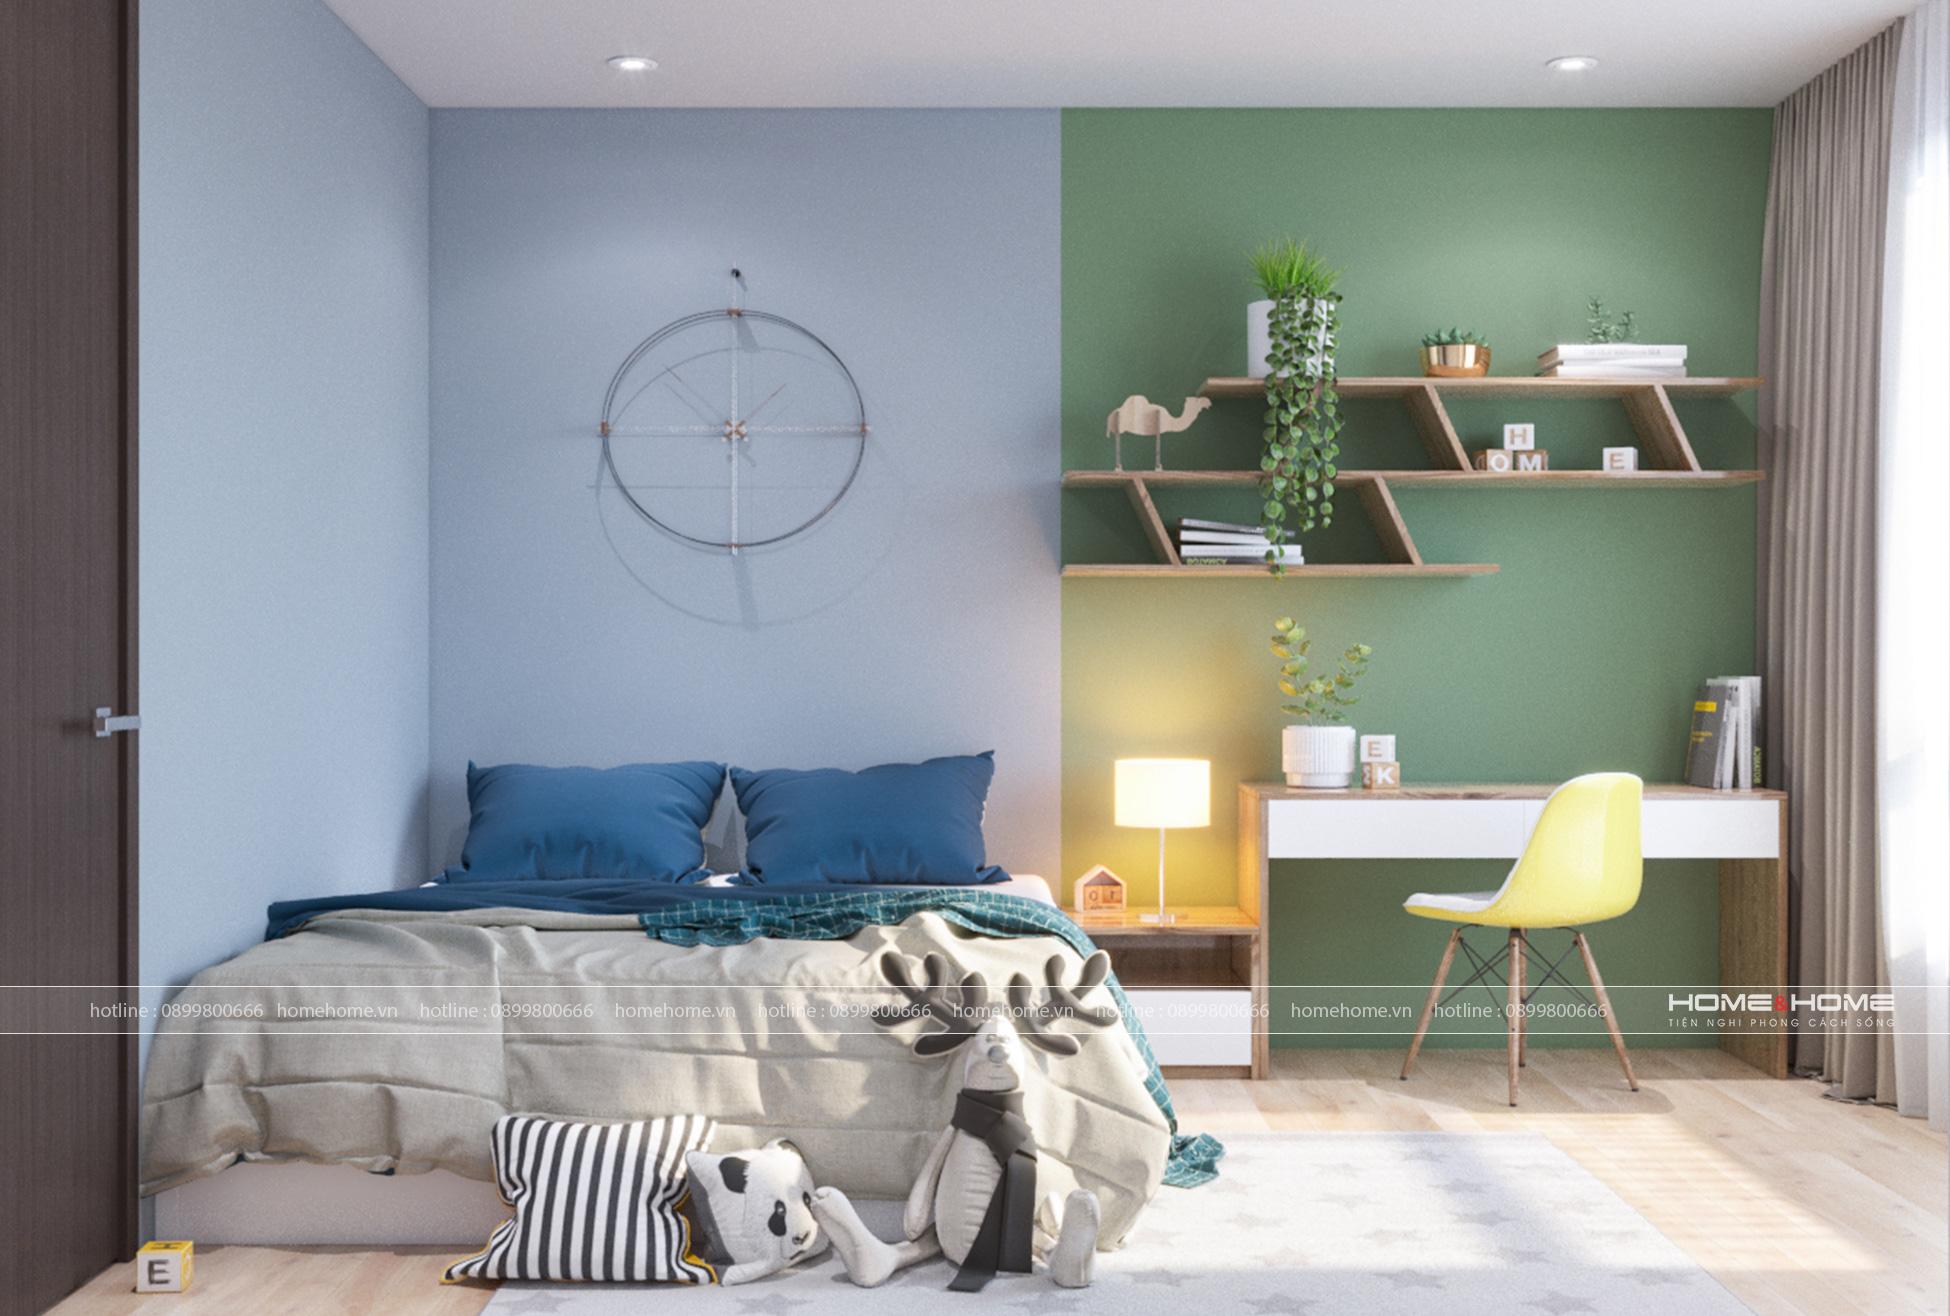 Vài mẹo nhỏ giúp trang trí phòng ngủ đẹp và độc đáo-5